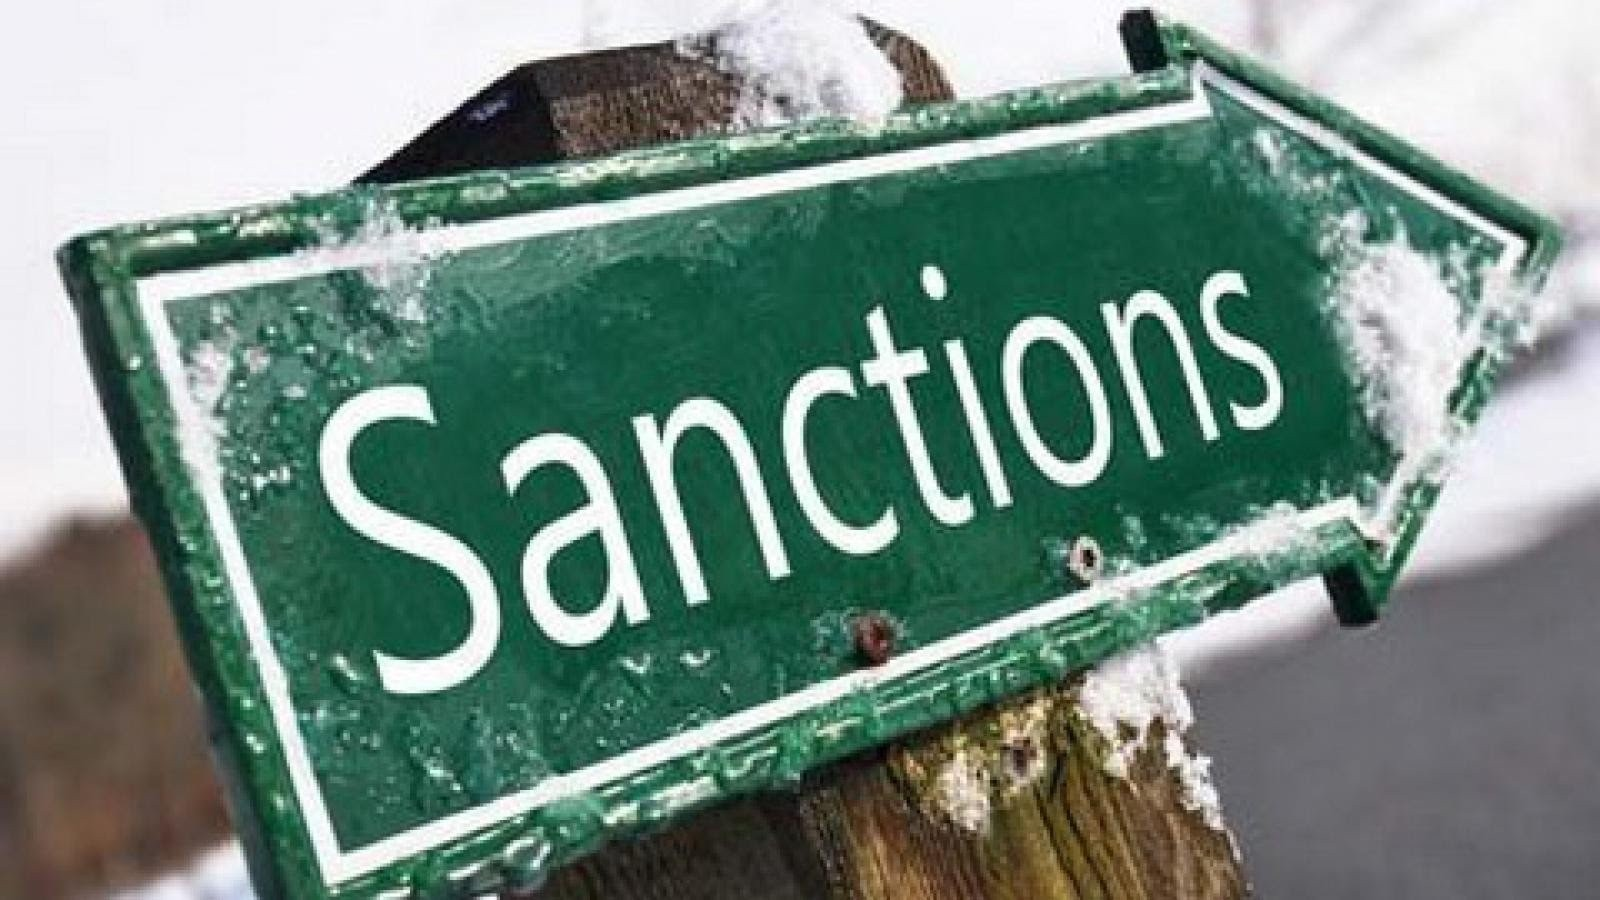 ЕСобъявил дату продления персональных санкций против Российской Федерации